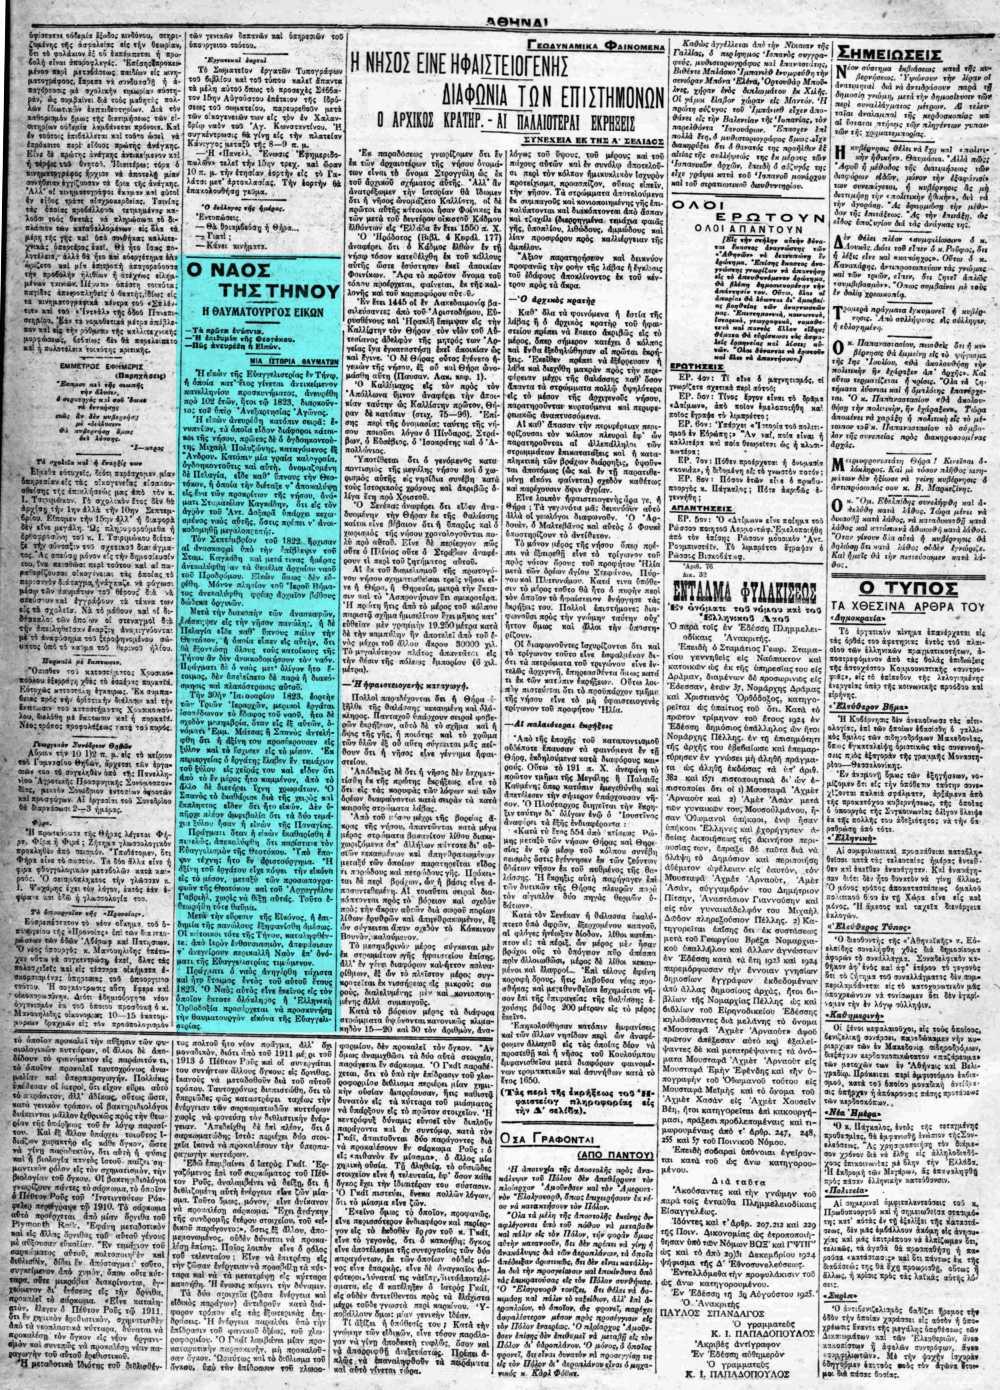 """Το άρθρο, όπως δημοσιεύθηκε στην εφημερίδα """"ΑΘΗΝΑΙ"""", στις 14/08/1925"""